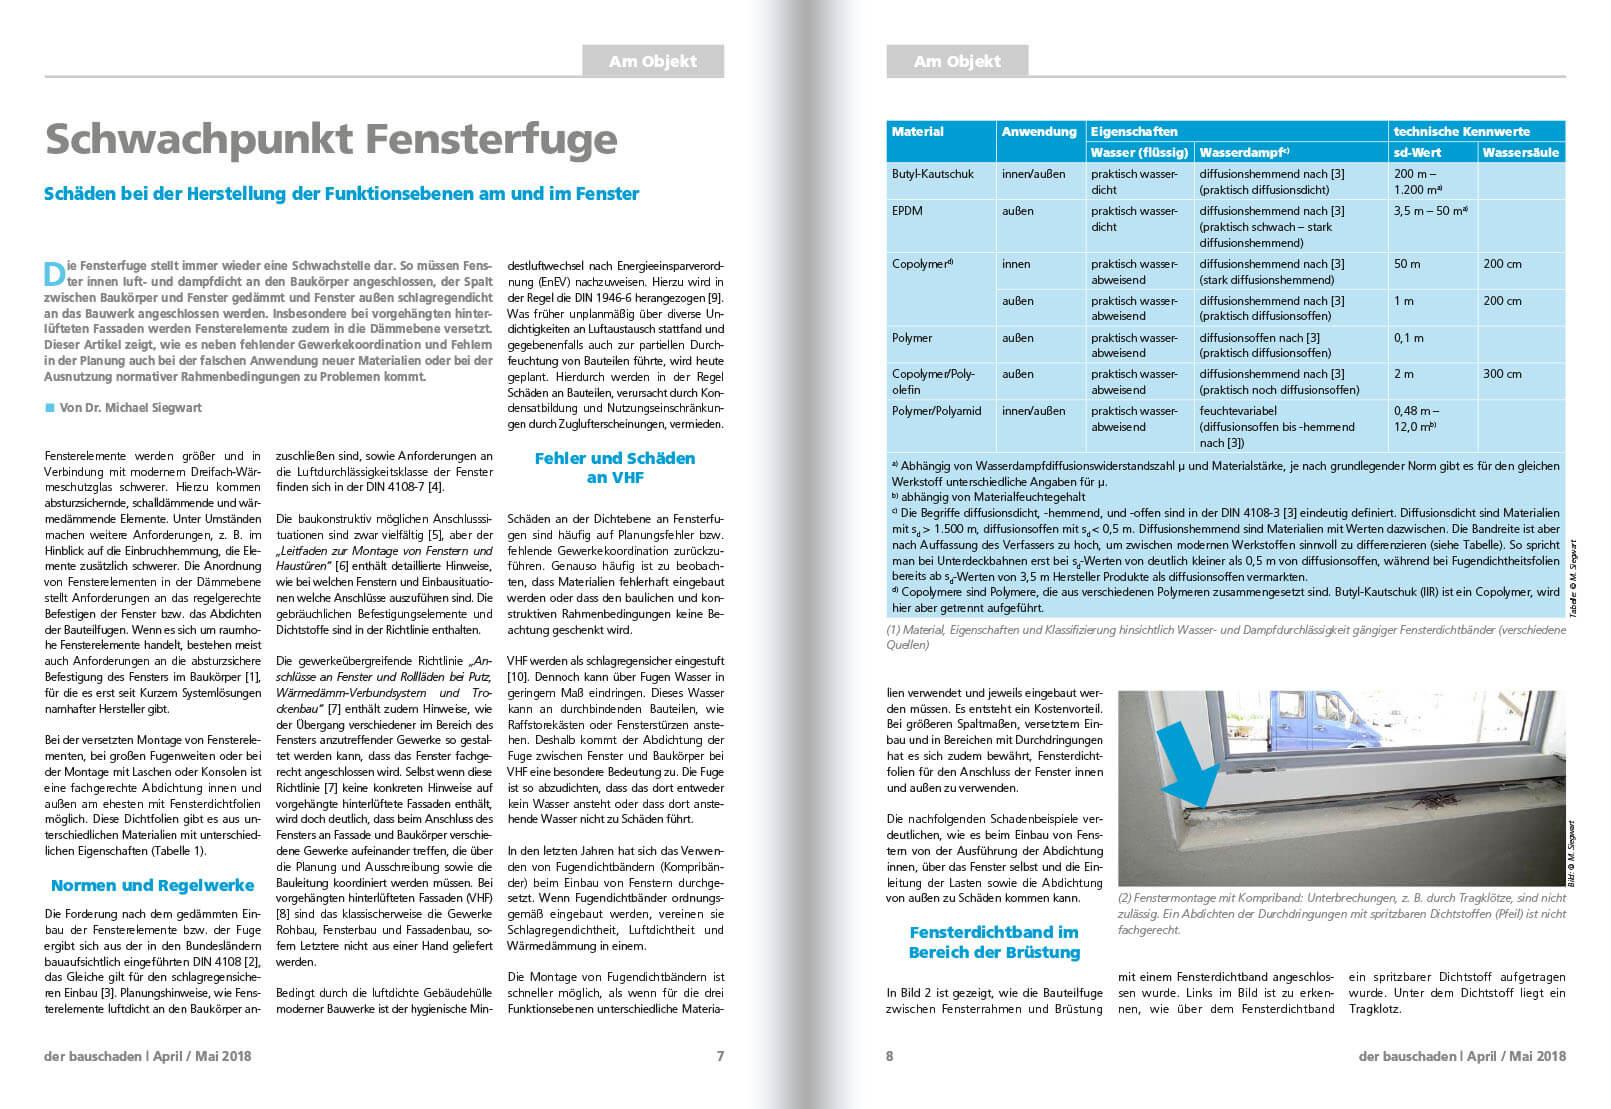 2018-04_Schwachpunkt_Fensterfuge_1